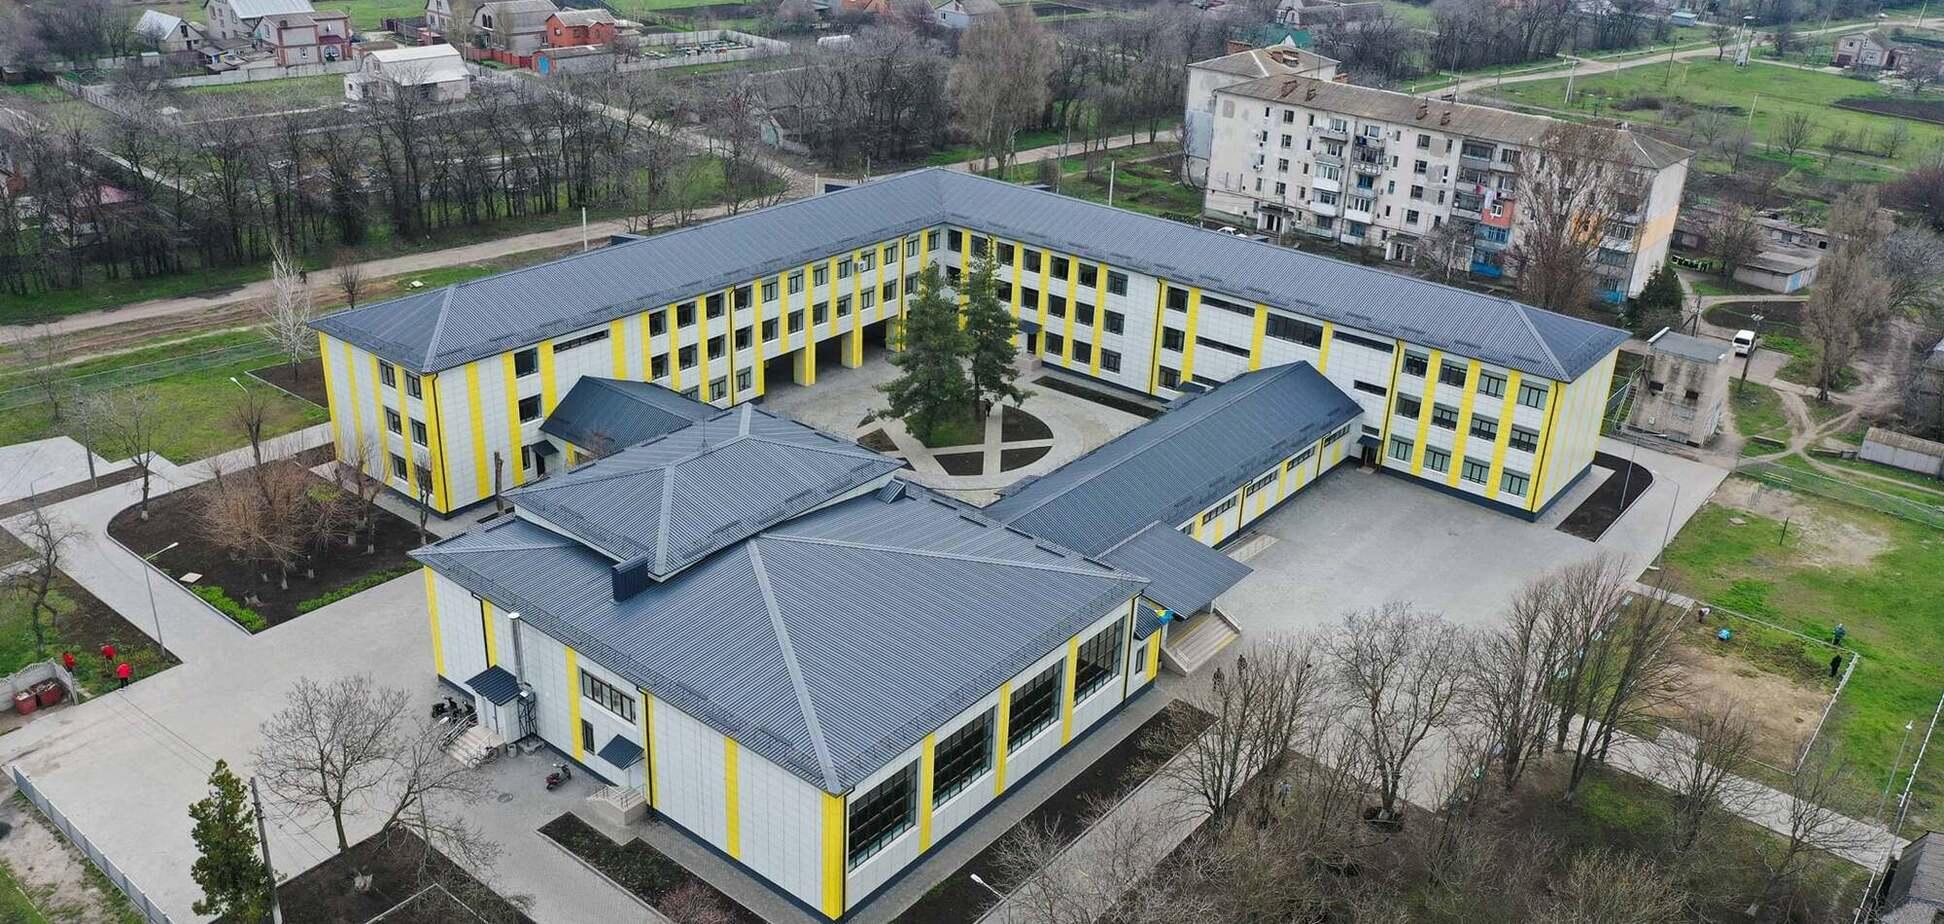 В сети показали образцовую школу на Днепропетровщине: такие появятся в рамках 'Большой стройки'